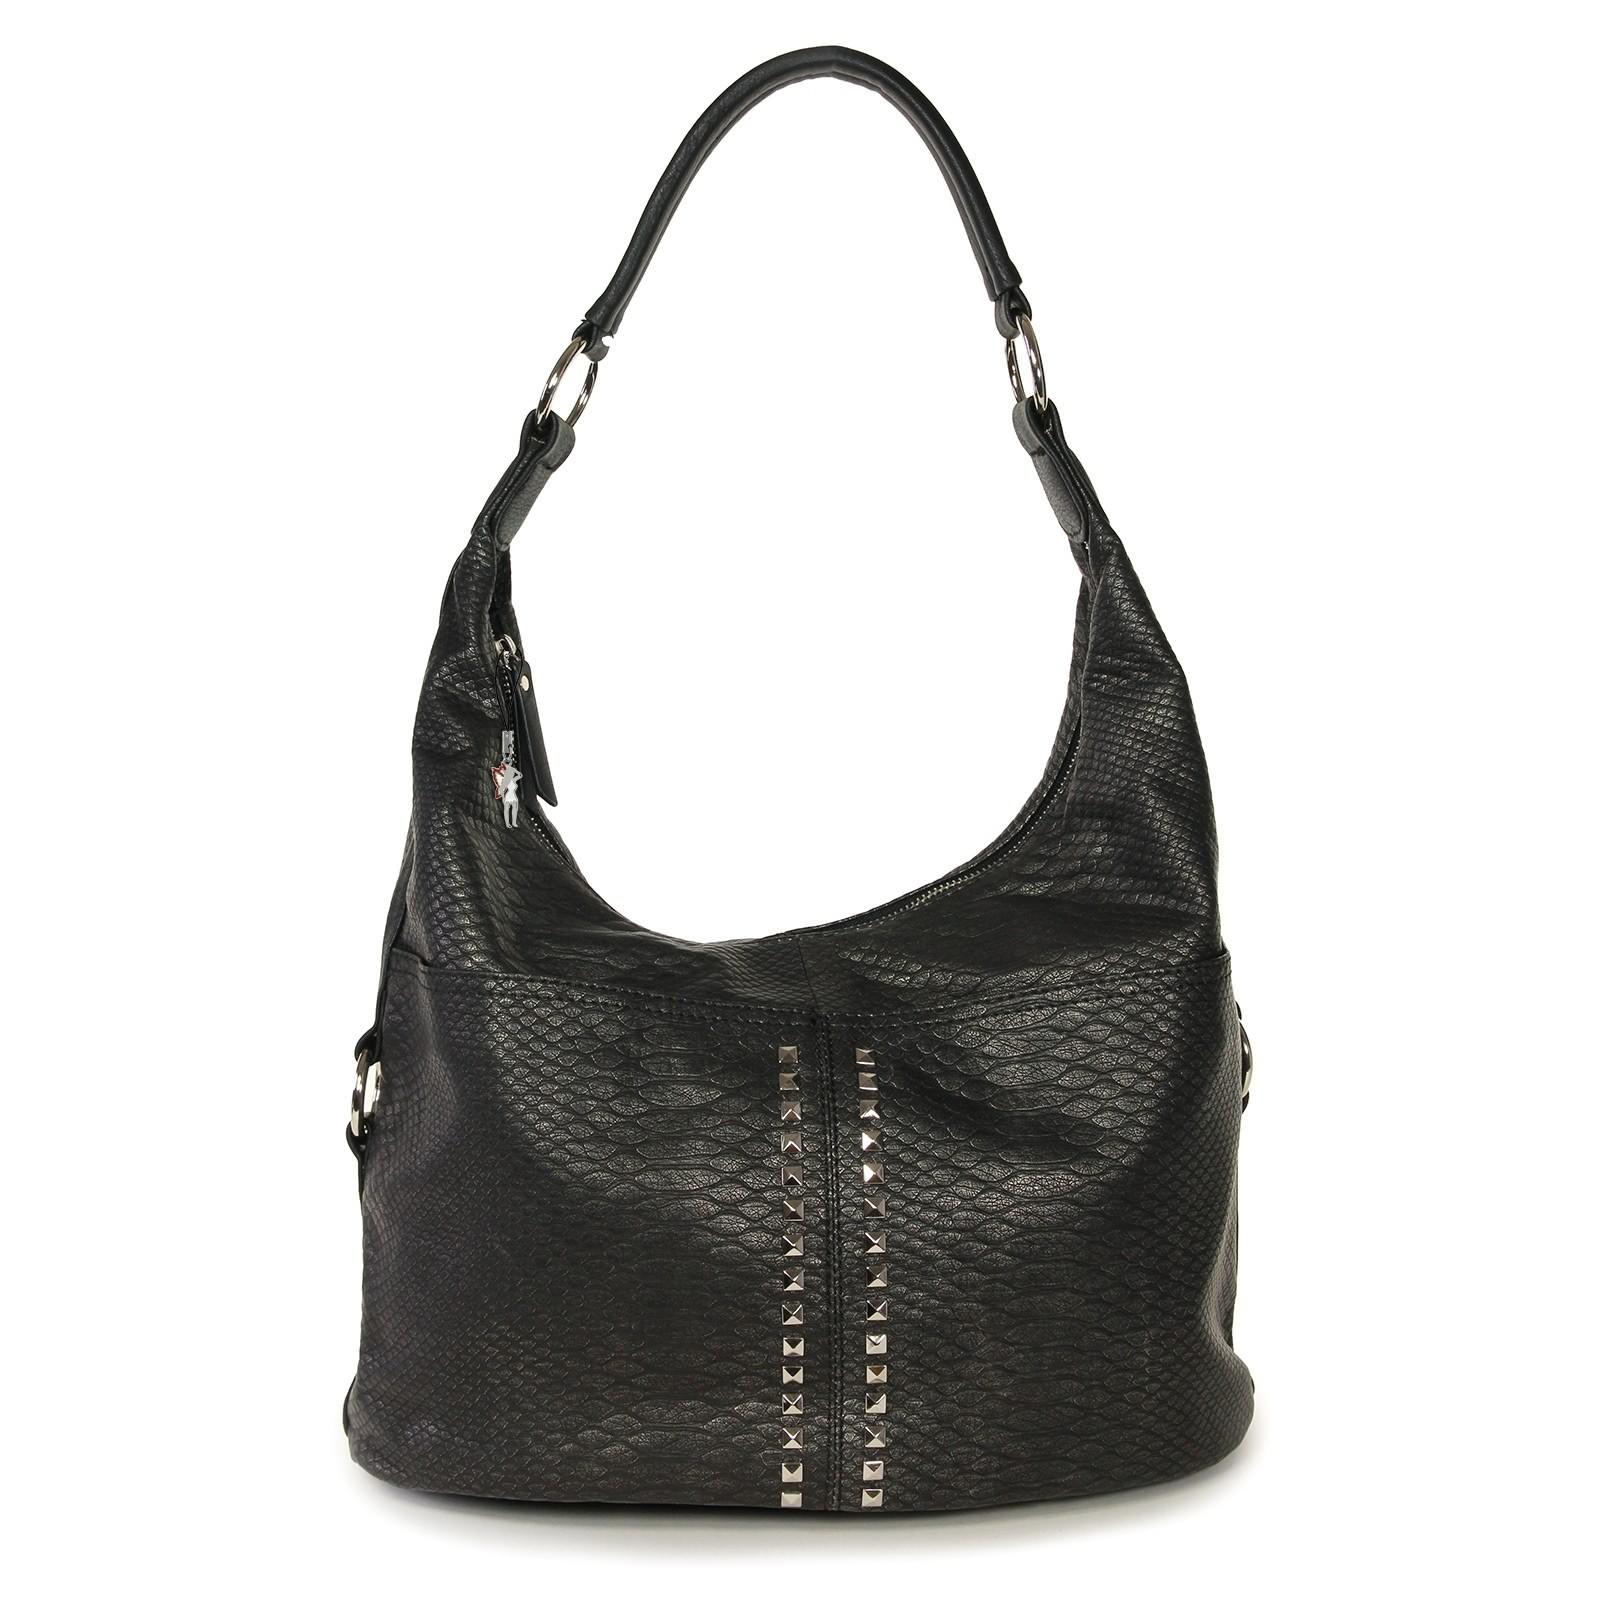 Beuteltasche Kunstleder grau Schultertasche Hobo Bag Jennifer Jones OTJ126K